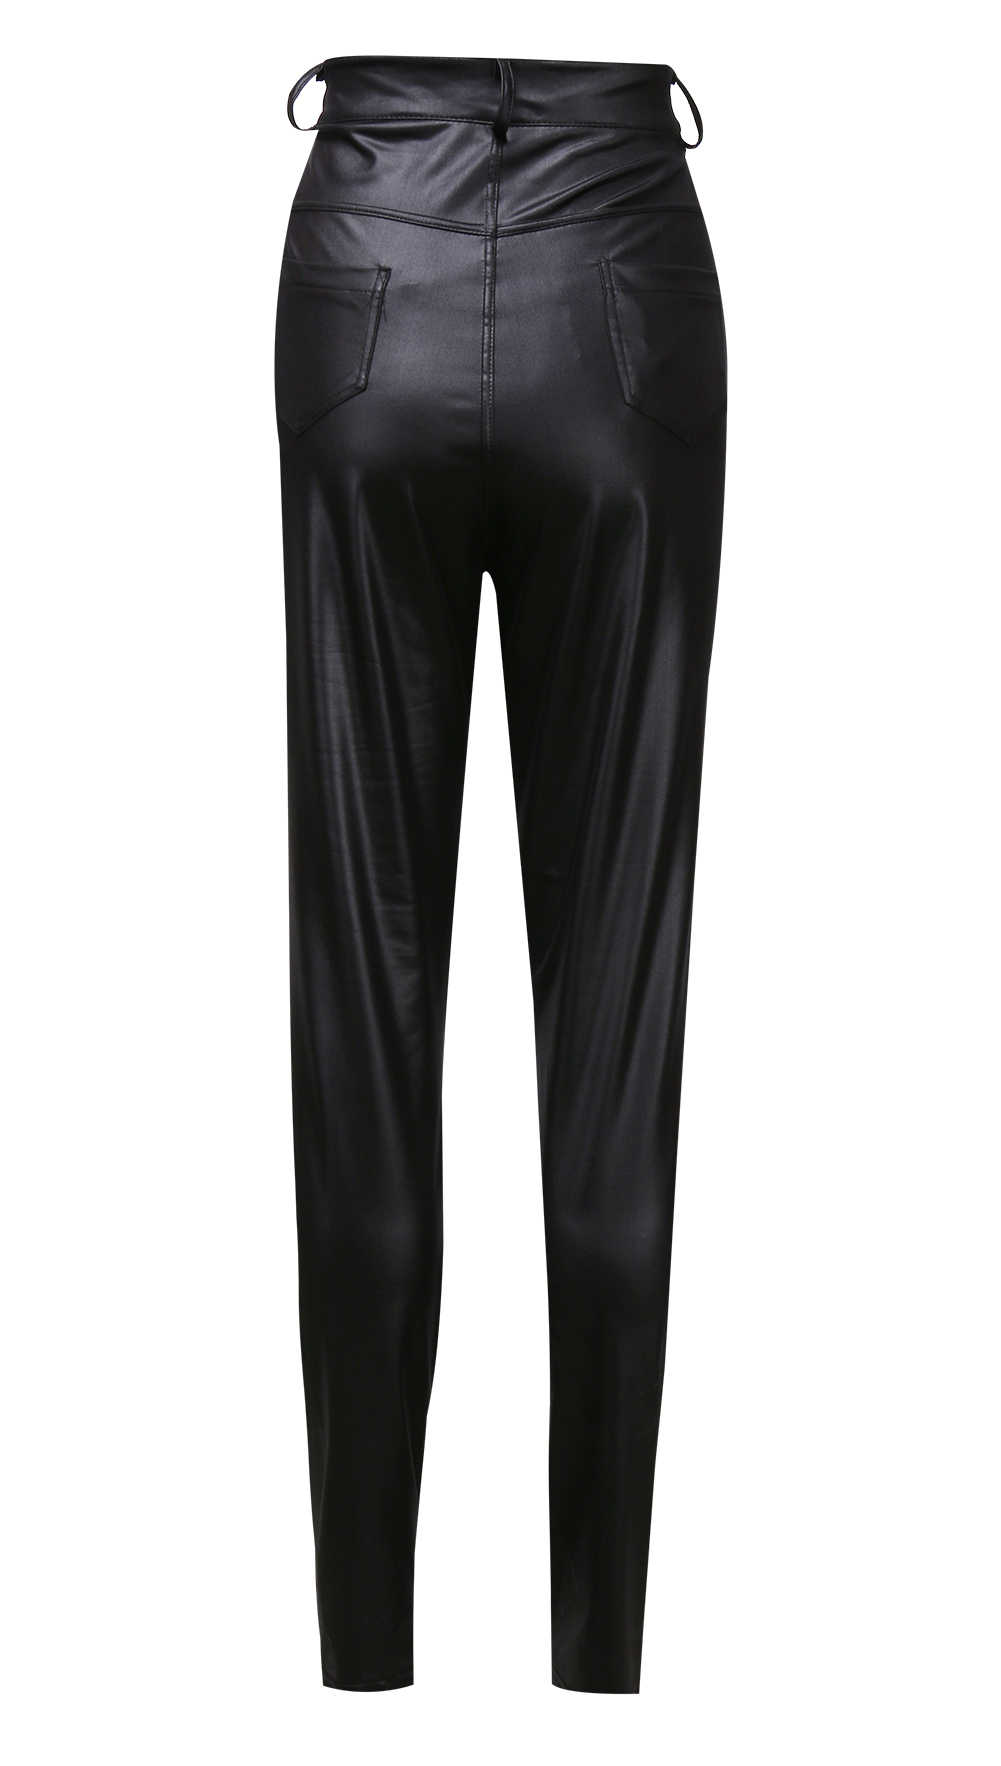 חם סקסי אופנה נשים למתוח גבוהה מותן מכנסי עיפרון סקיני עור מפוצל ארוך מוצק סקסי Slim מועדון מפלגה מקרית כיס מכנסיים